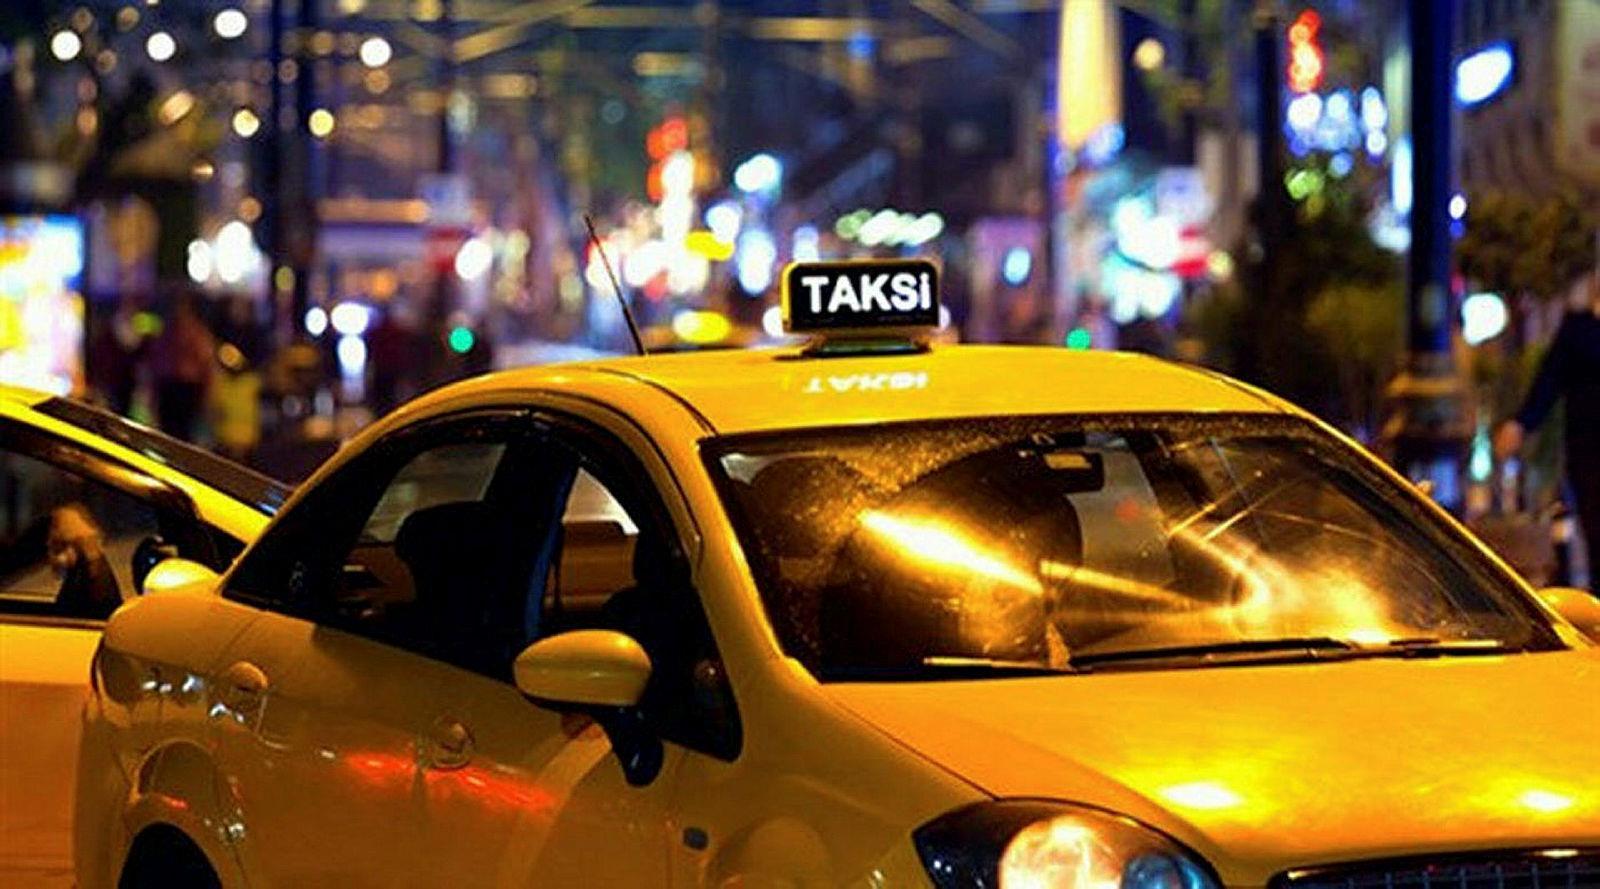 Son dakika: Taksilerde flaş değişiklik! O sınır yükseltildi